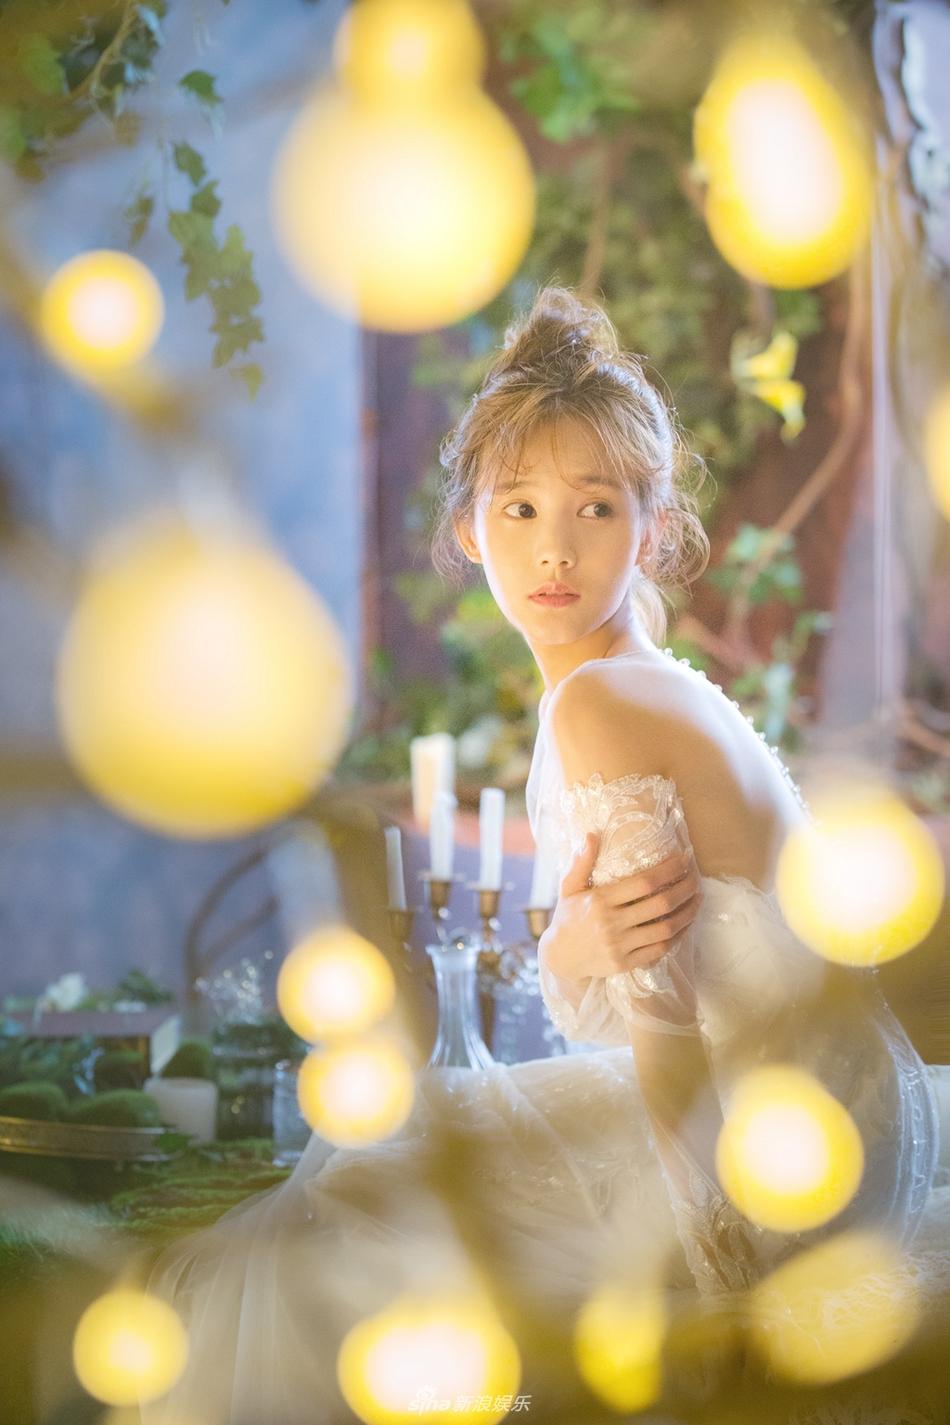 """次拍摄以""""爱情童话""""为主题,李一桐身穿白色婚纱穿梭在丛林中,"""